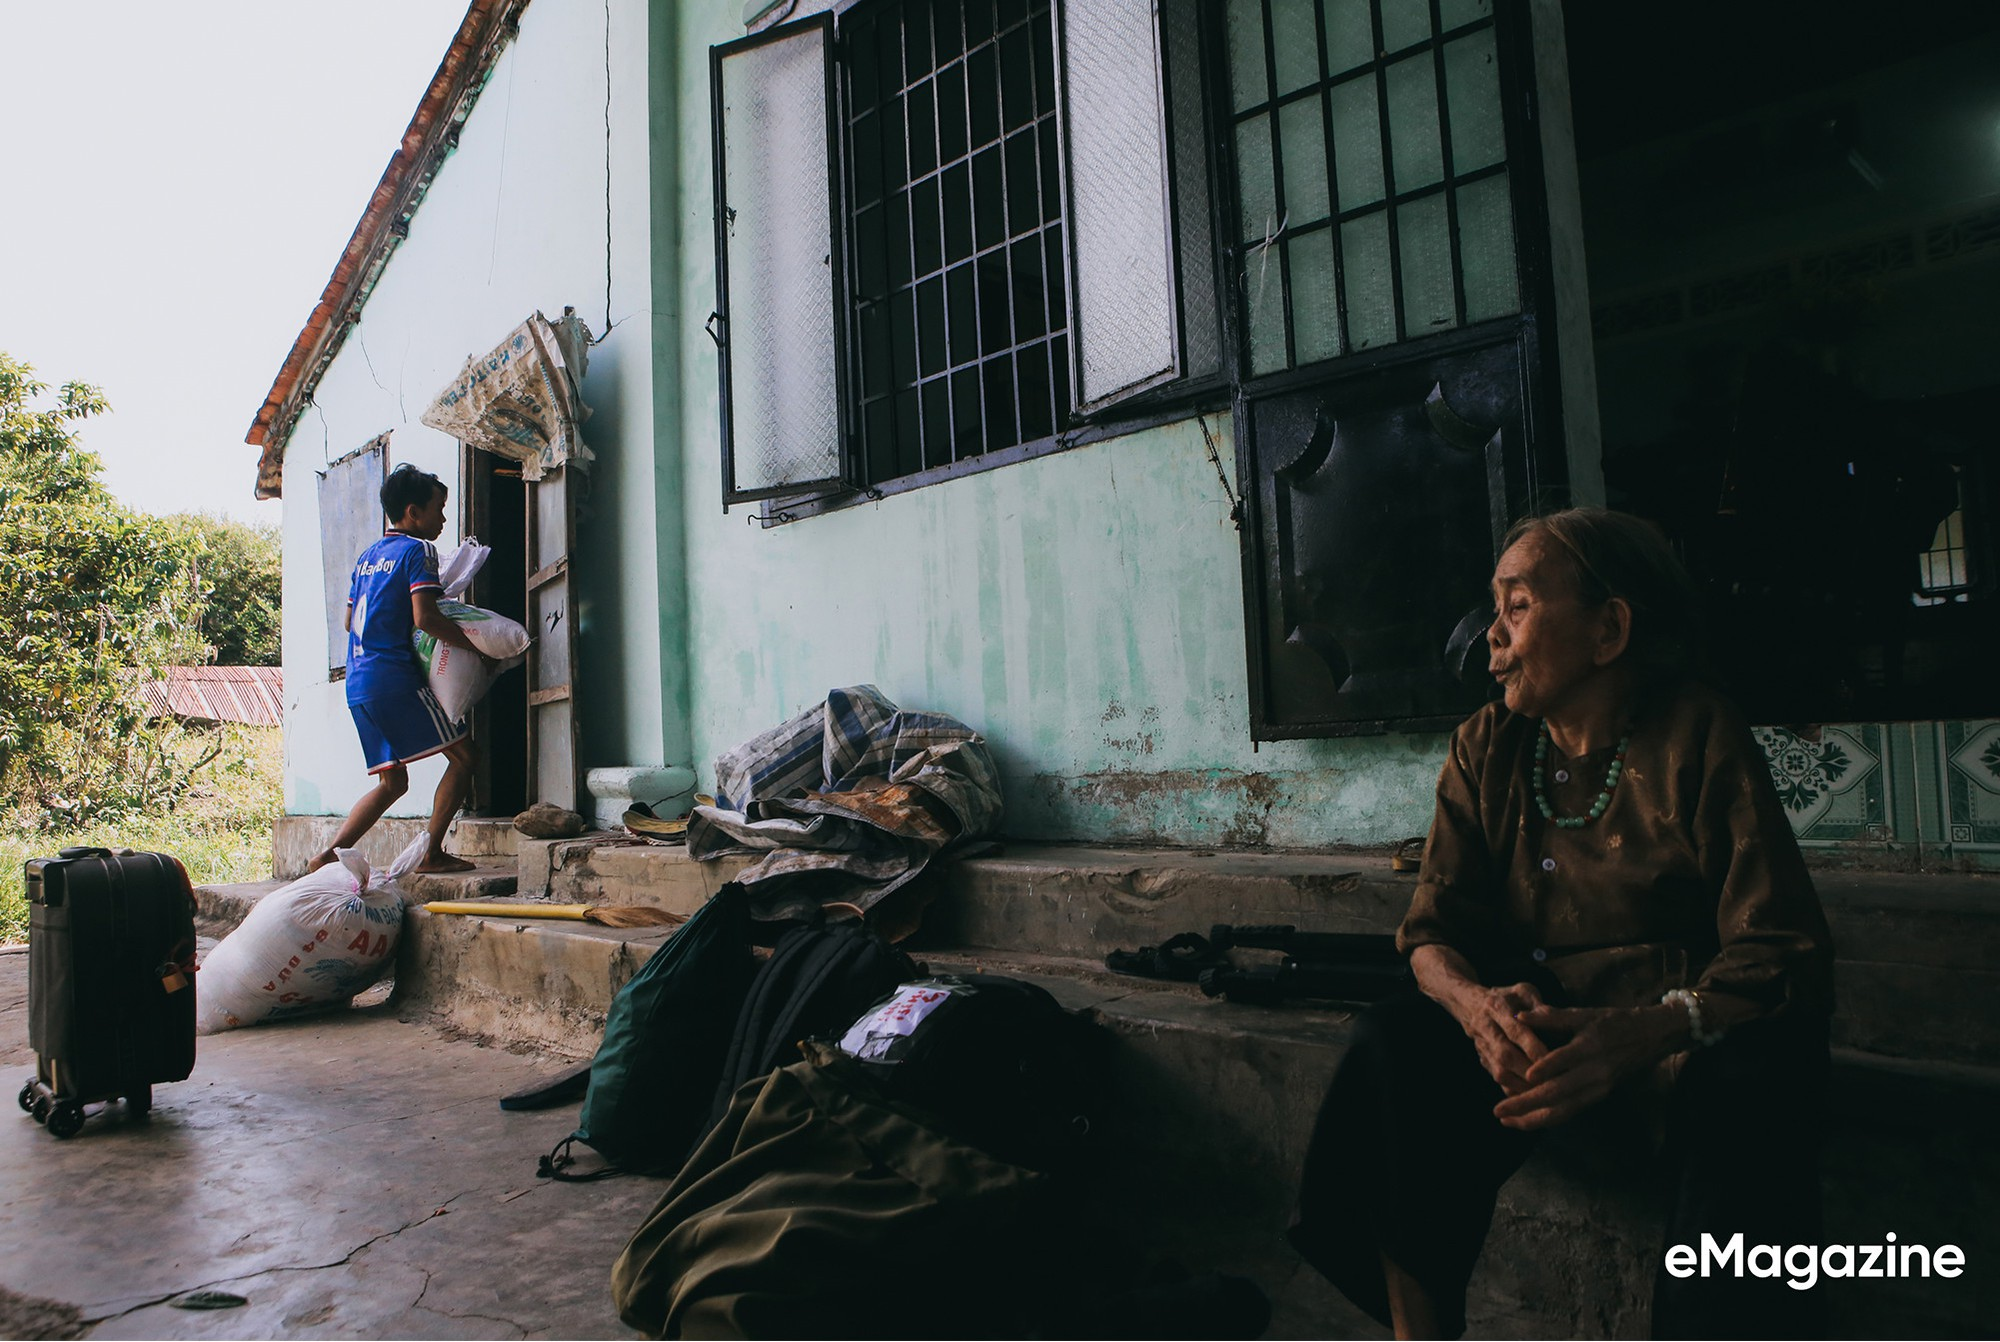 Tìm về những mảnh đời của người già bán vé số Sài Gòn: Nơi quê hương không ngọt - Ảnh 7.